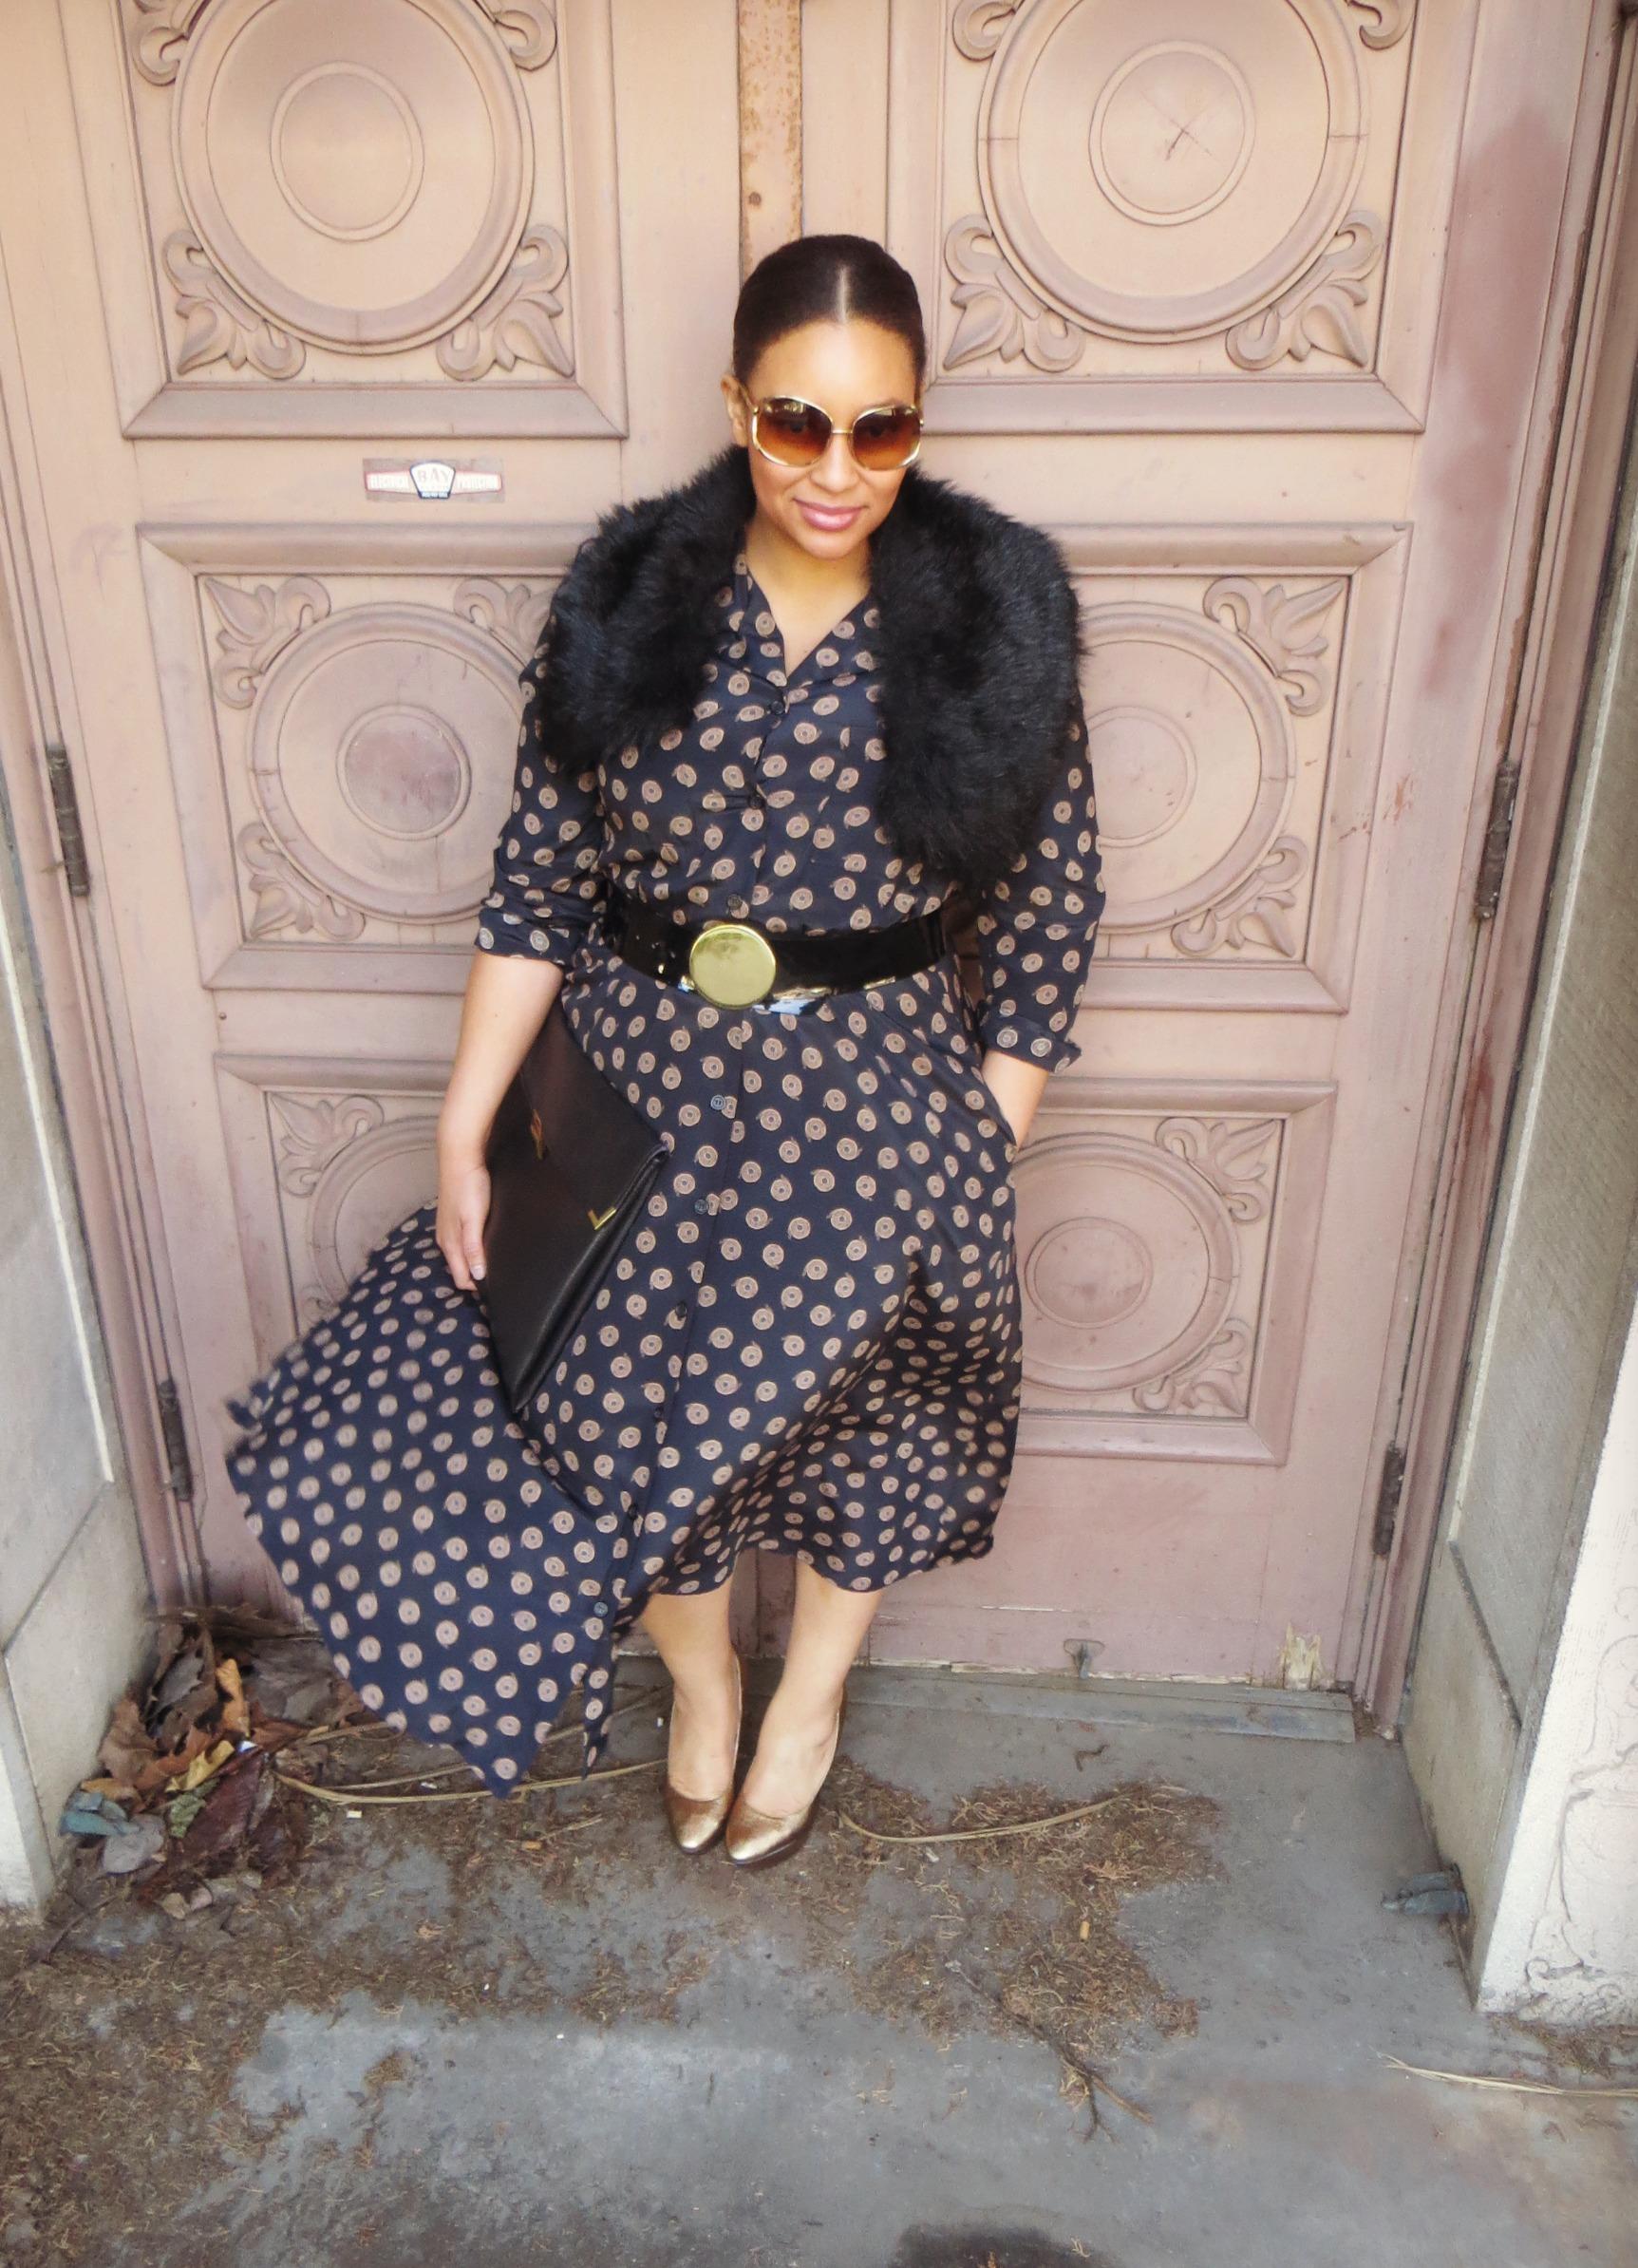 Vintage Reproduction Dress